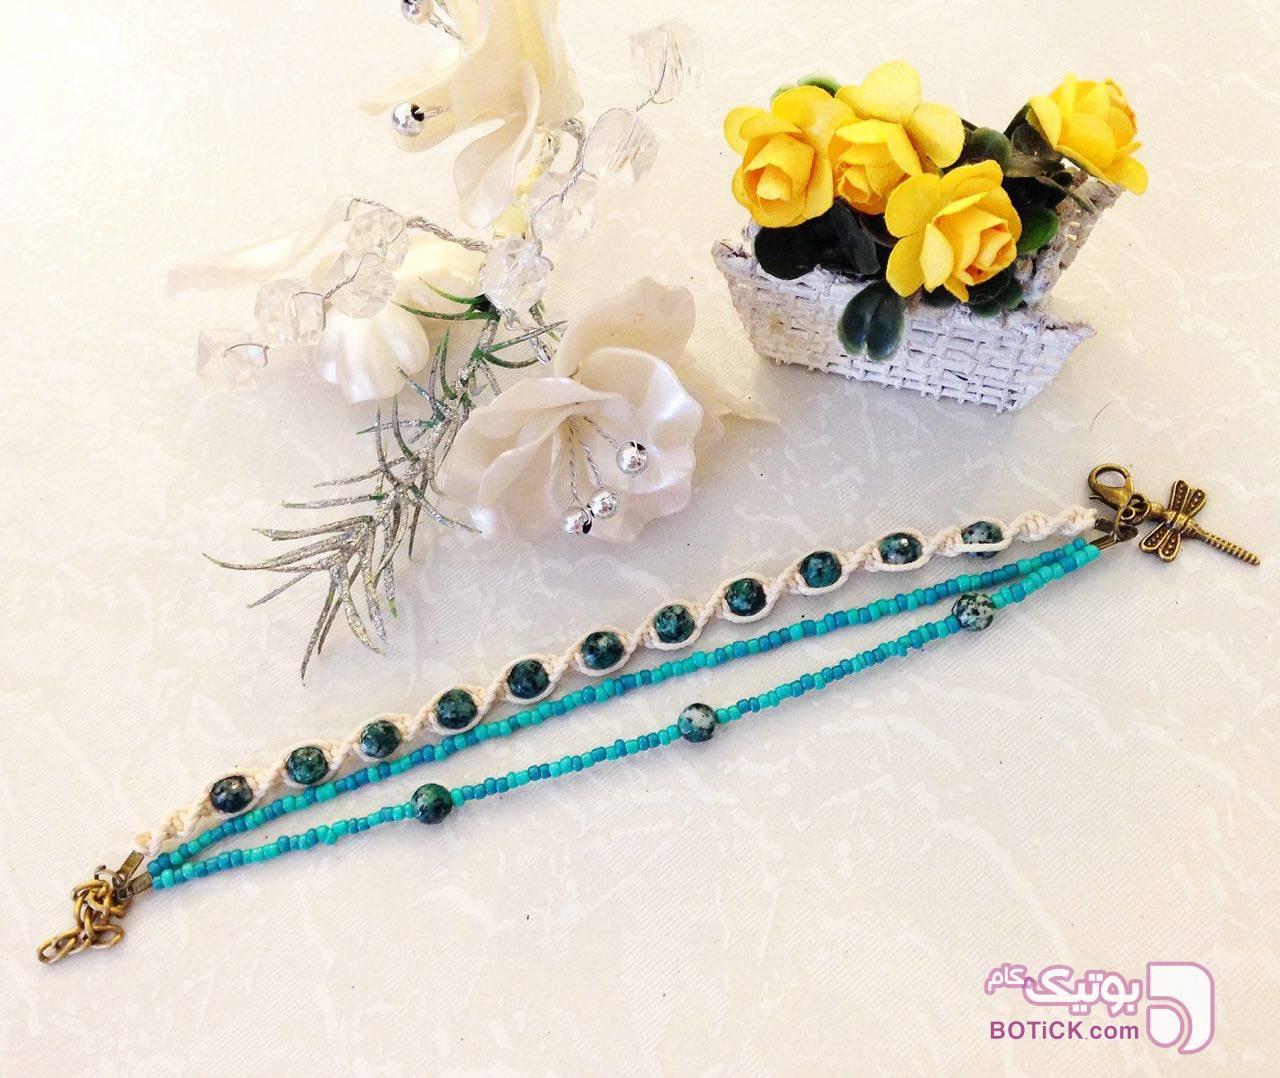 دستبندهاي بافت با سنگ و منجوق صورتی دستبند و پابند